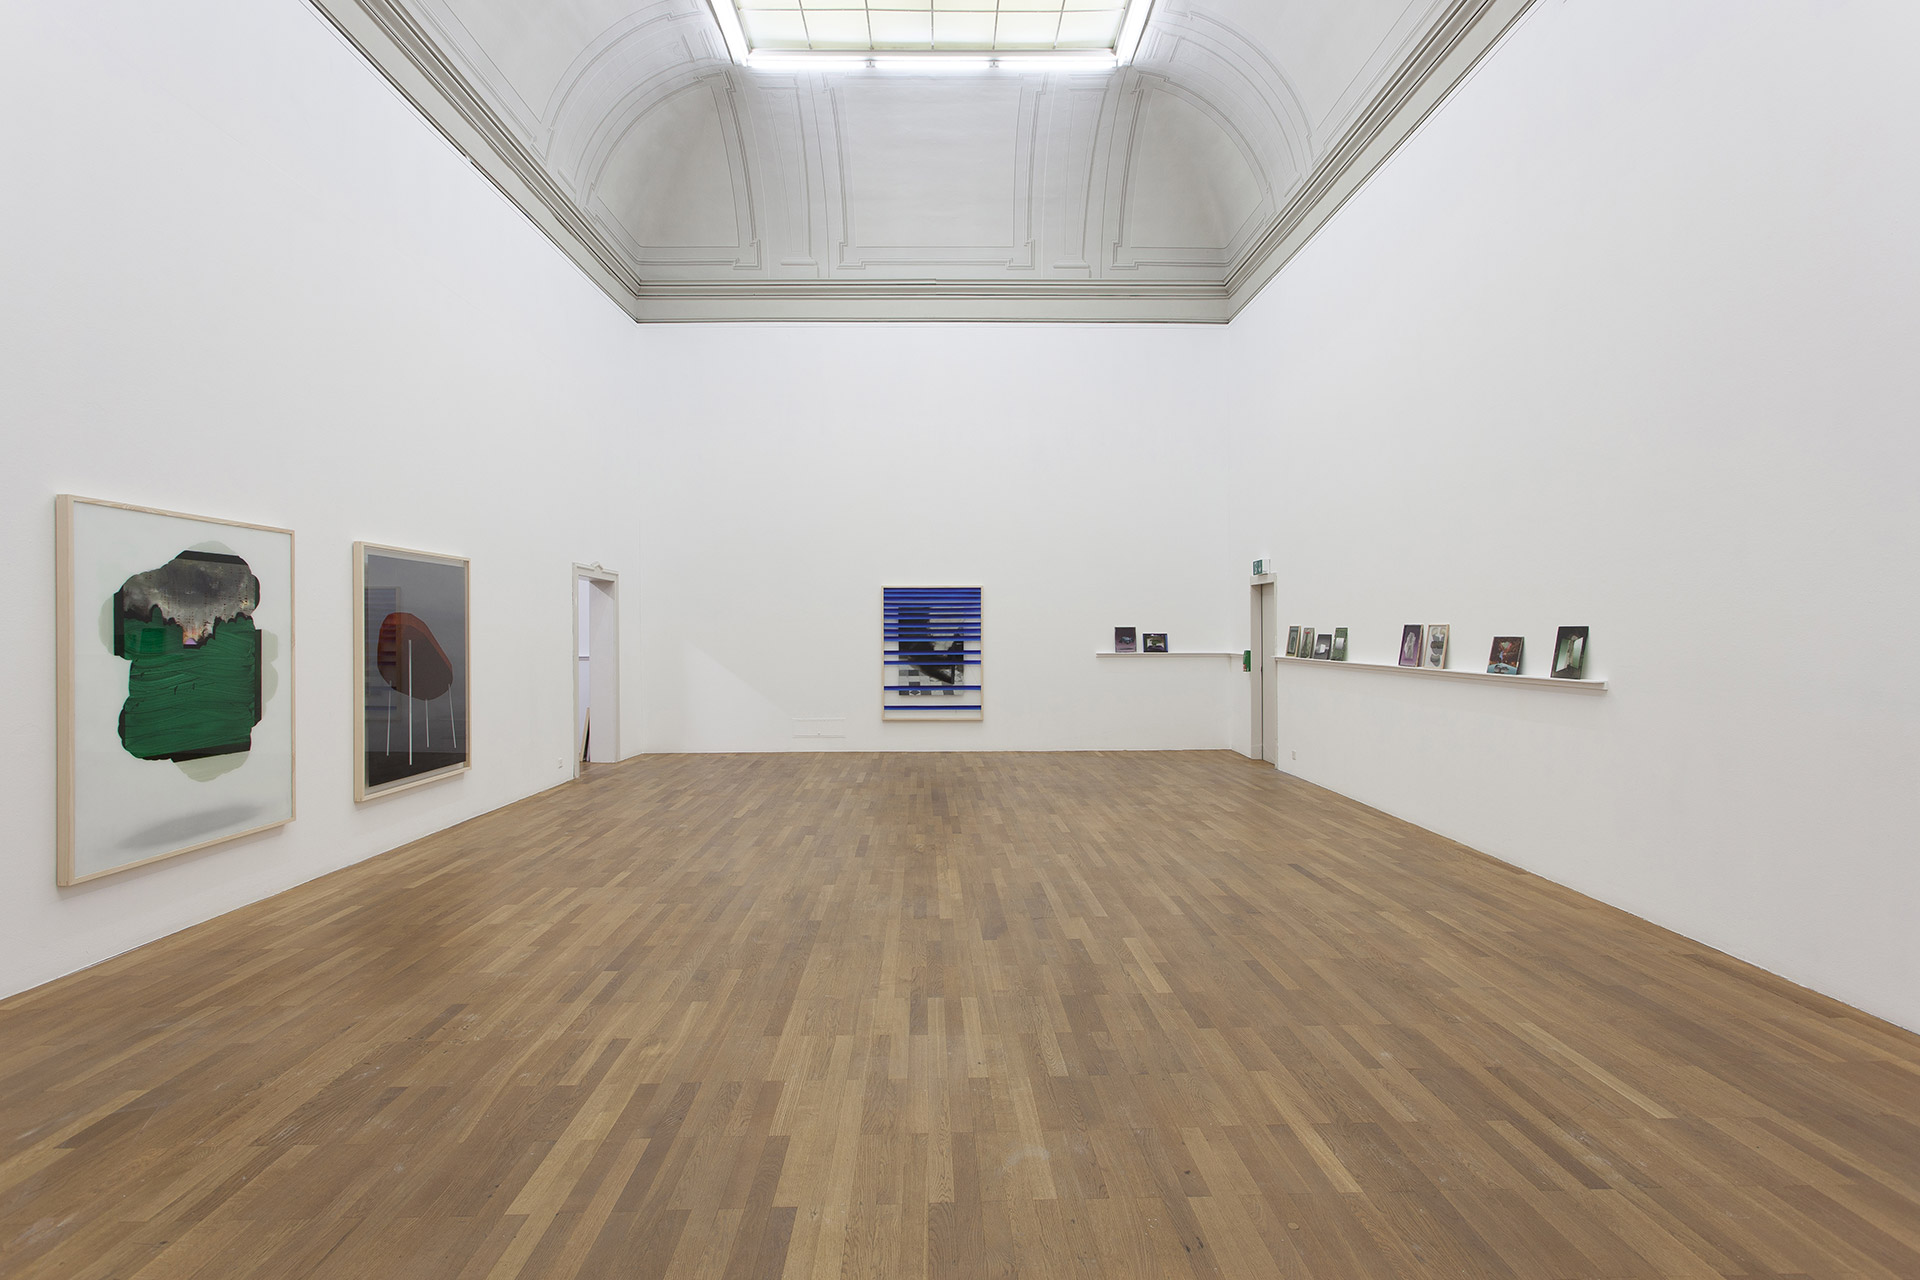 Kunsthalle-Winterthur-Daniel-Karrer-5.jpg